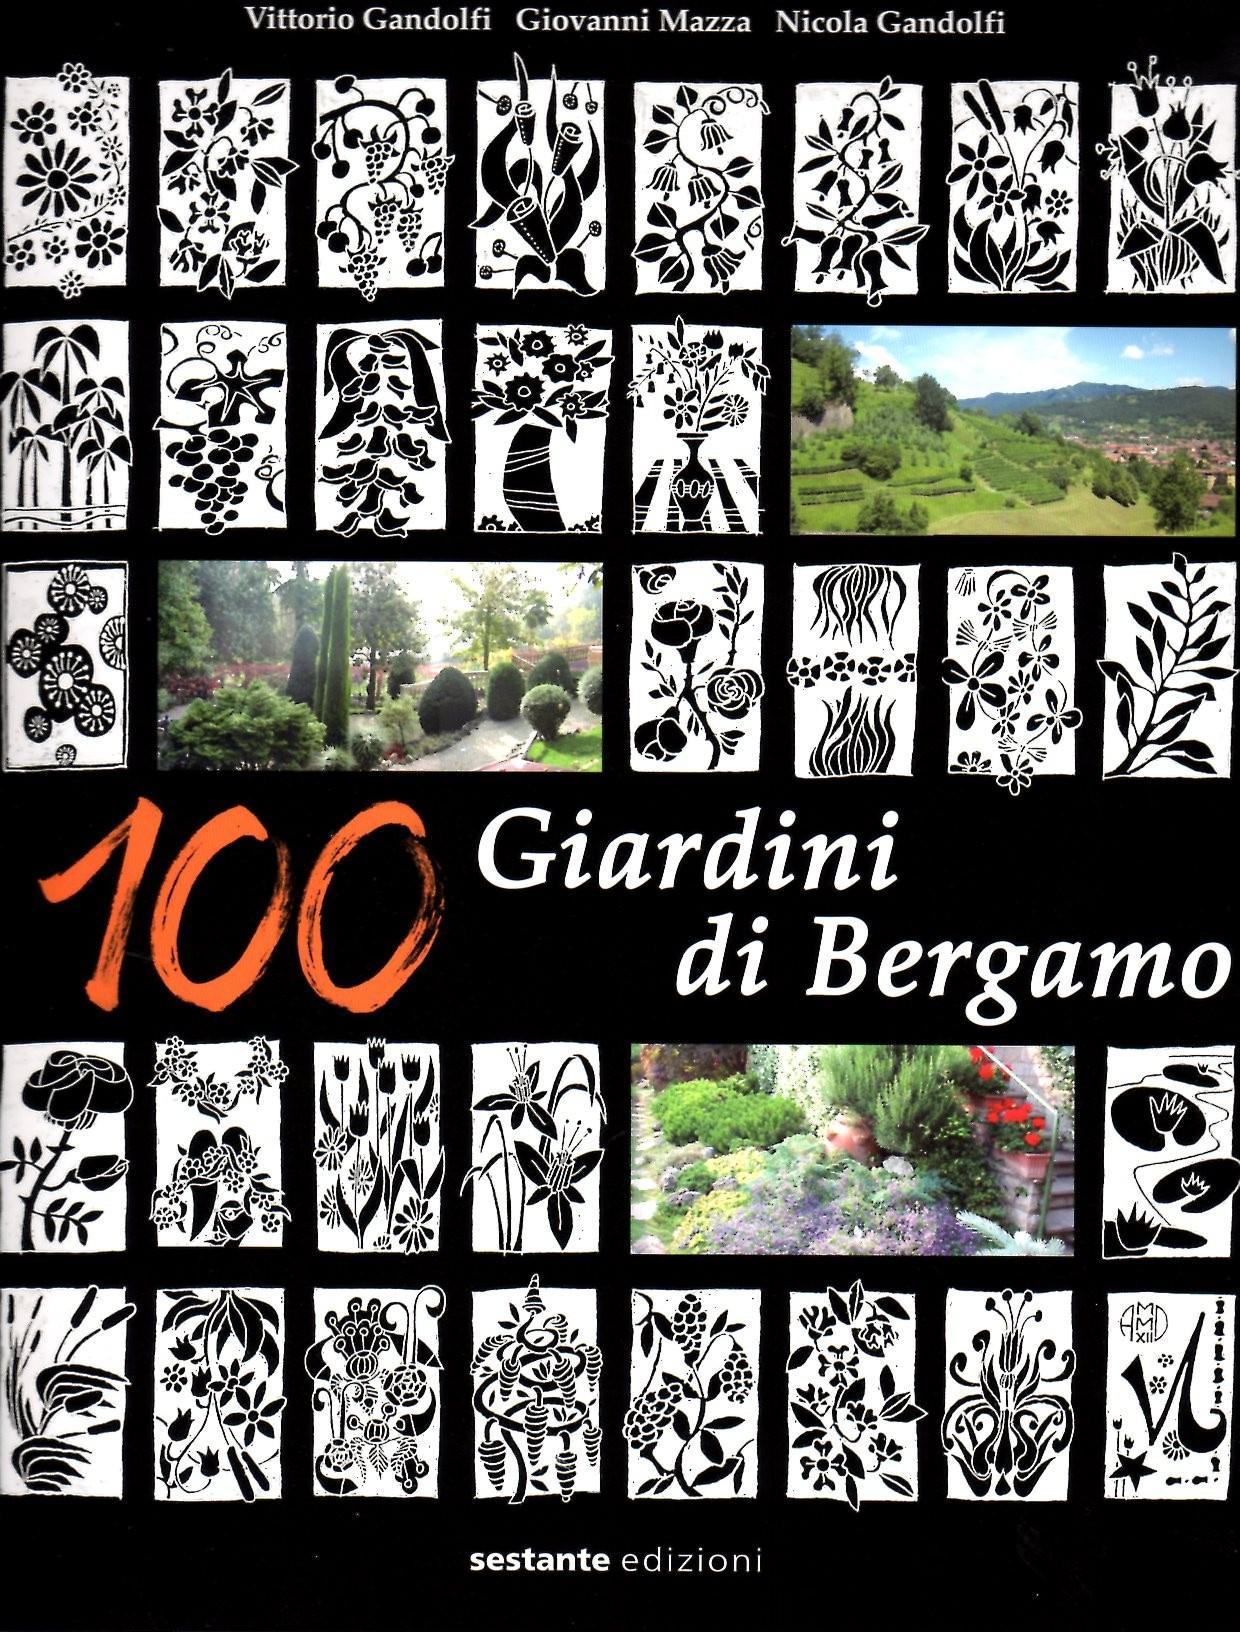 40 - 100 Giardini di Bergamo